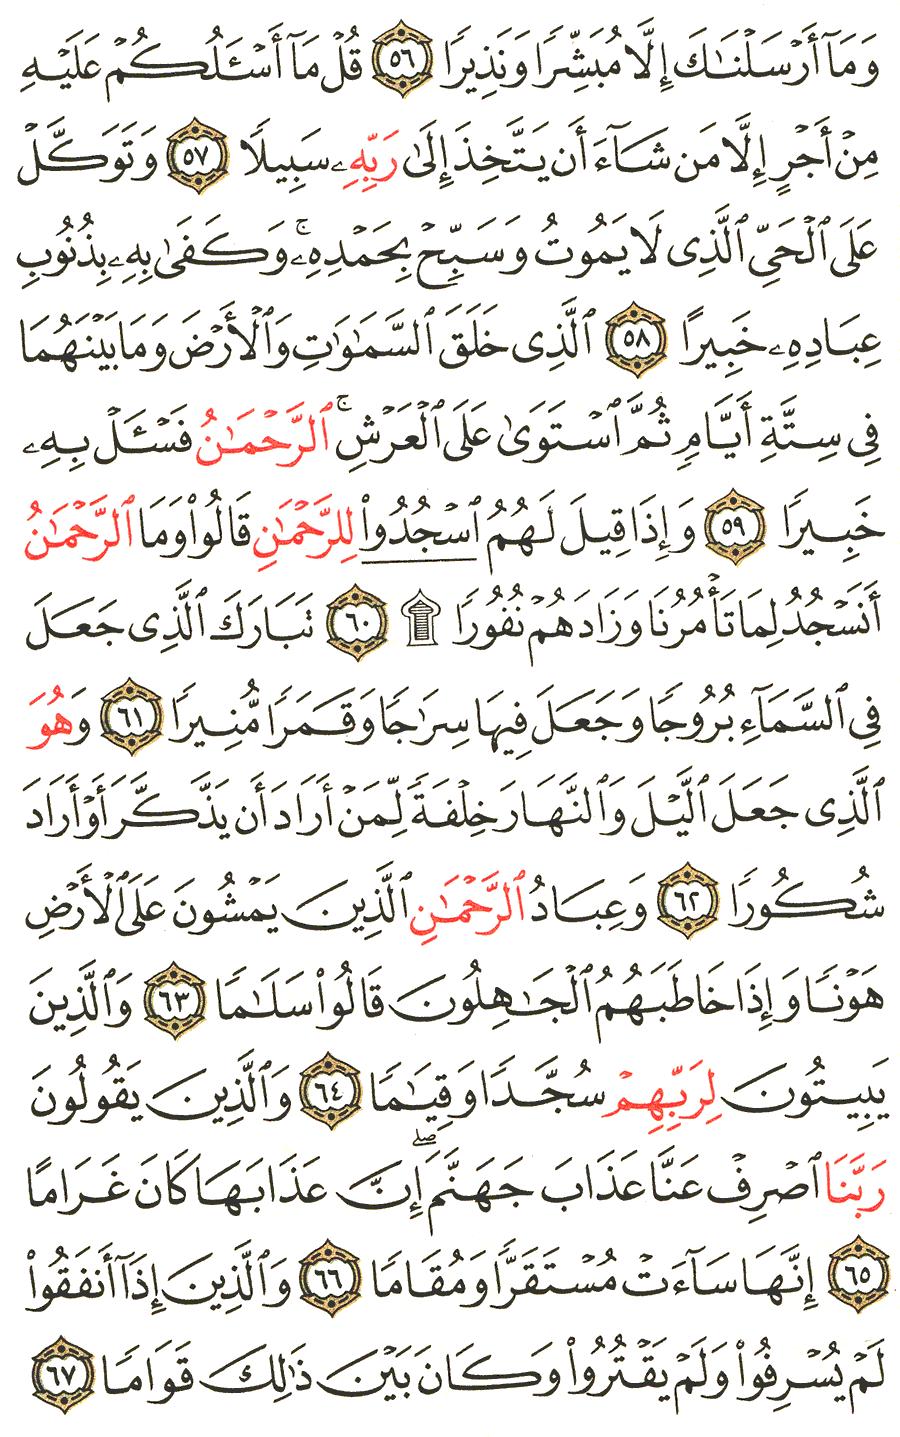 تفسير الآية 56 إلى 67 من سورة الفرقان التفسير الميسر